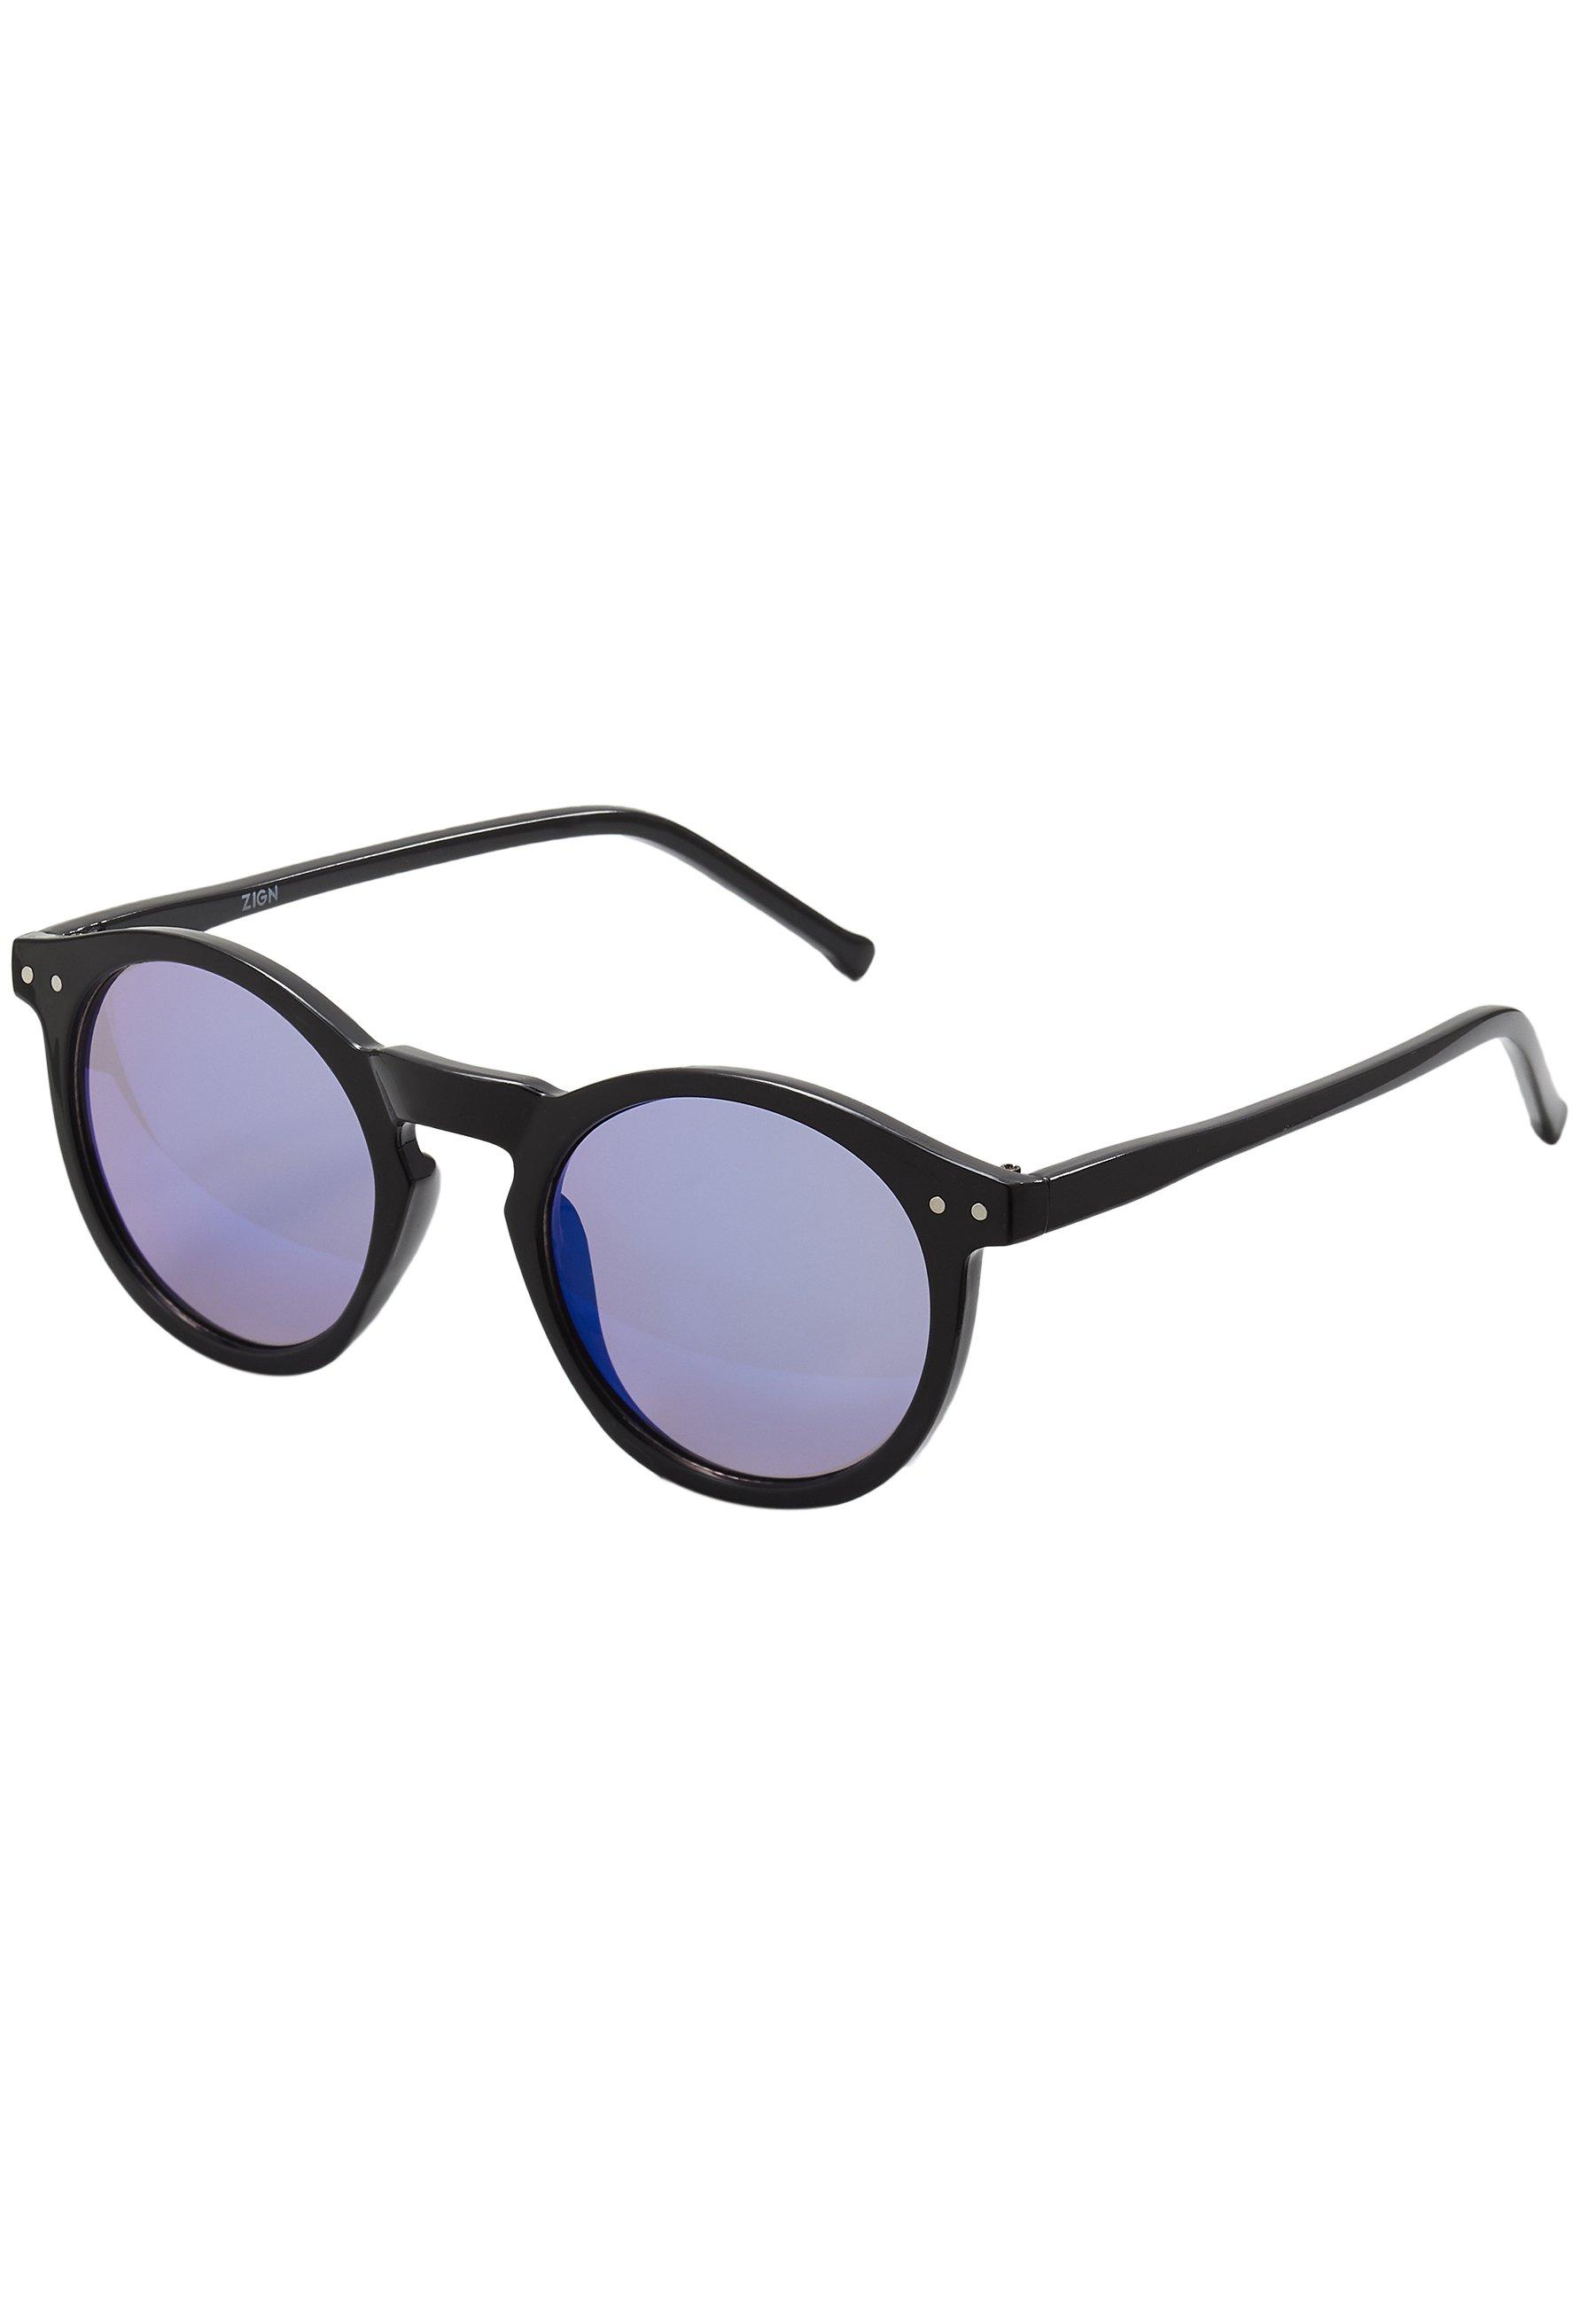 Zign Sonnenbrille - Brown/braun